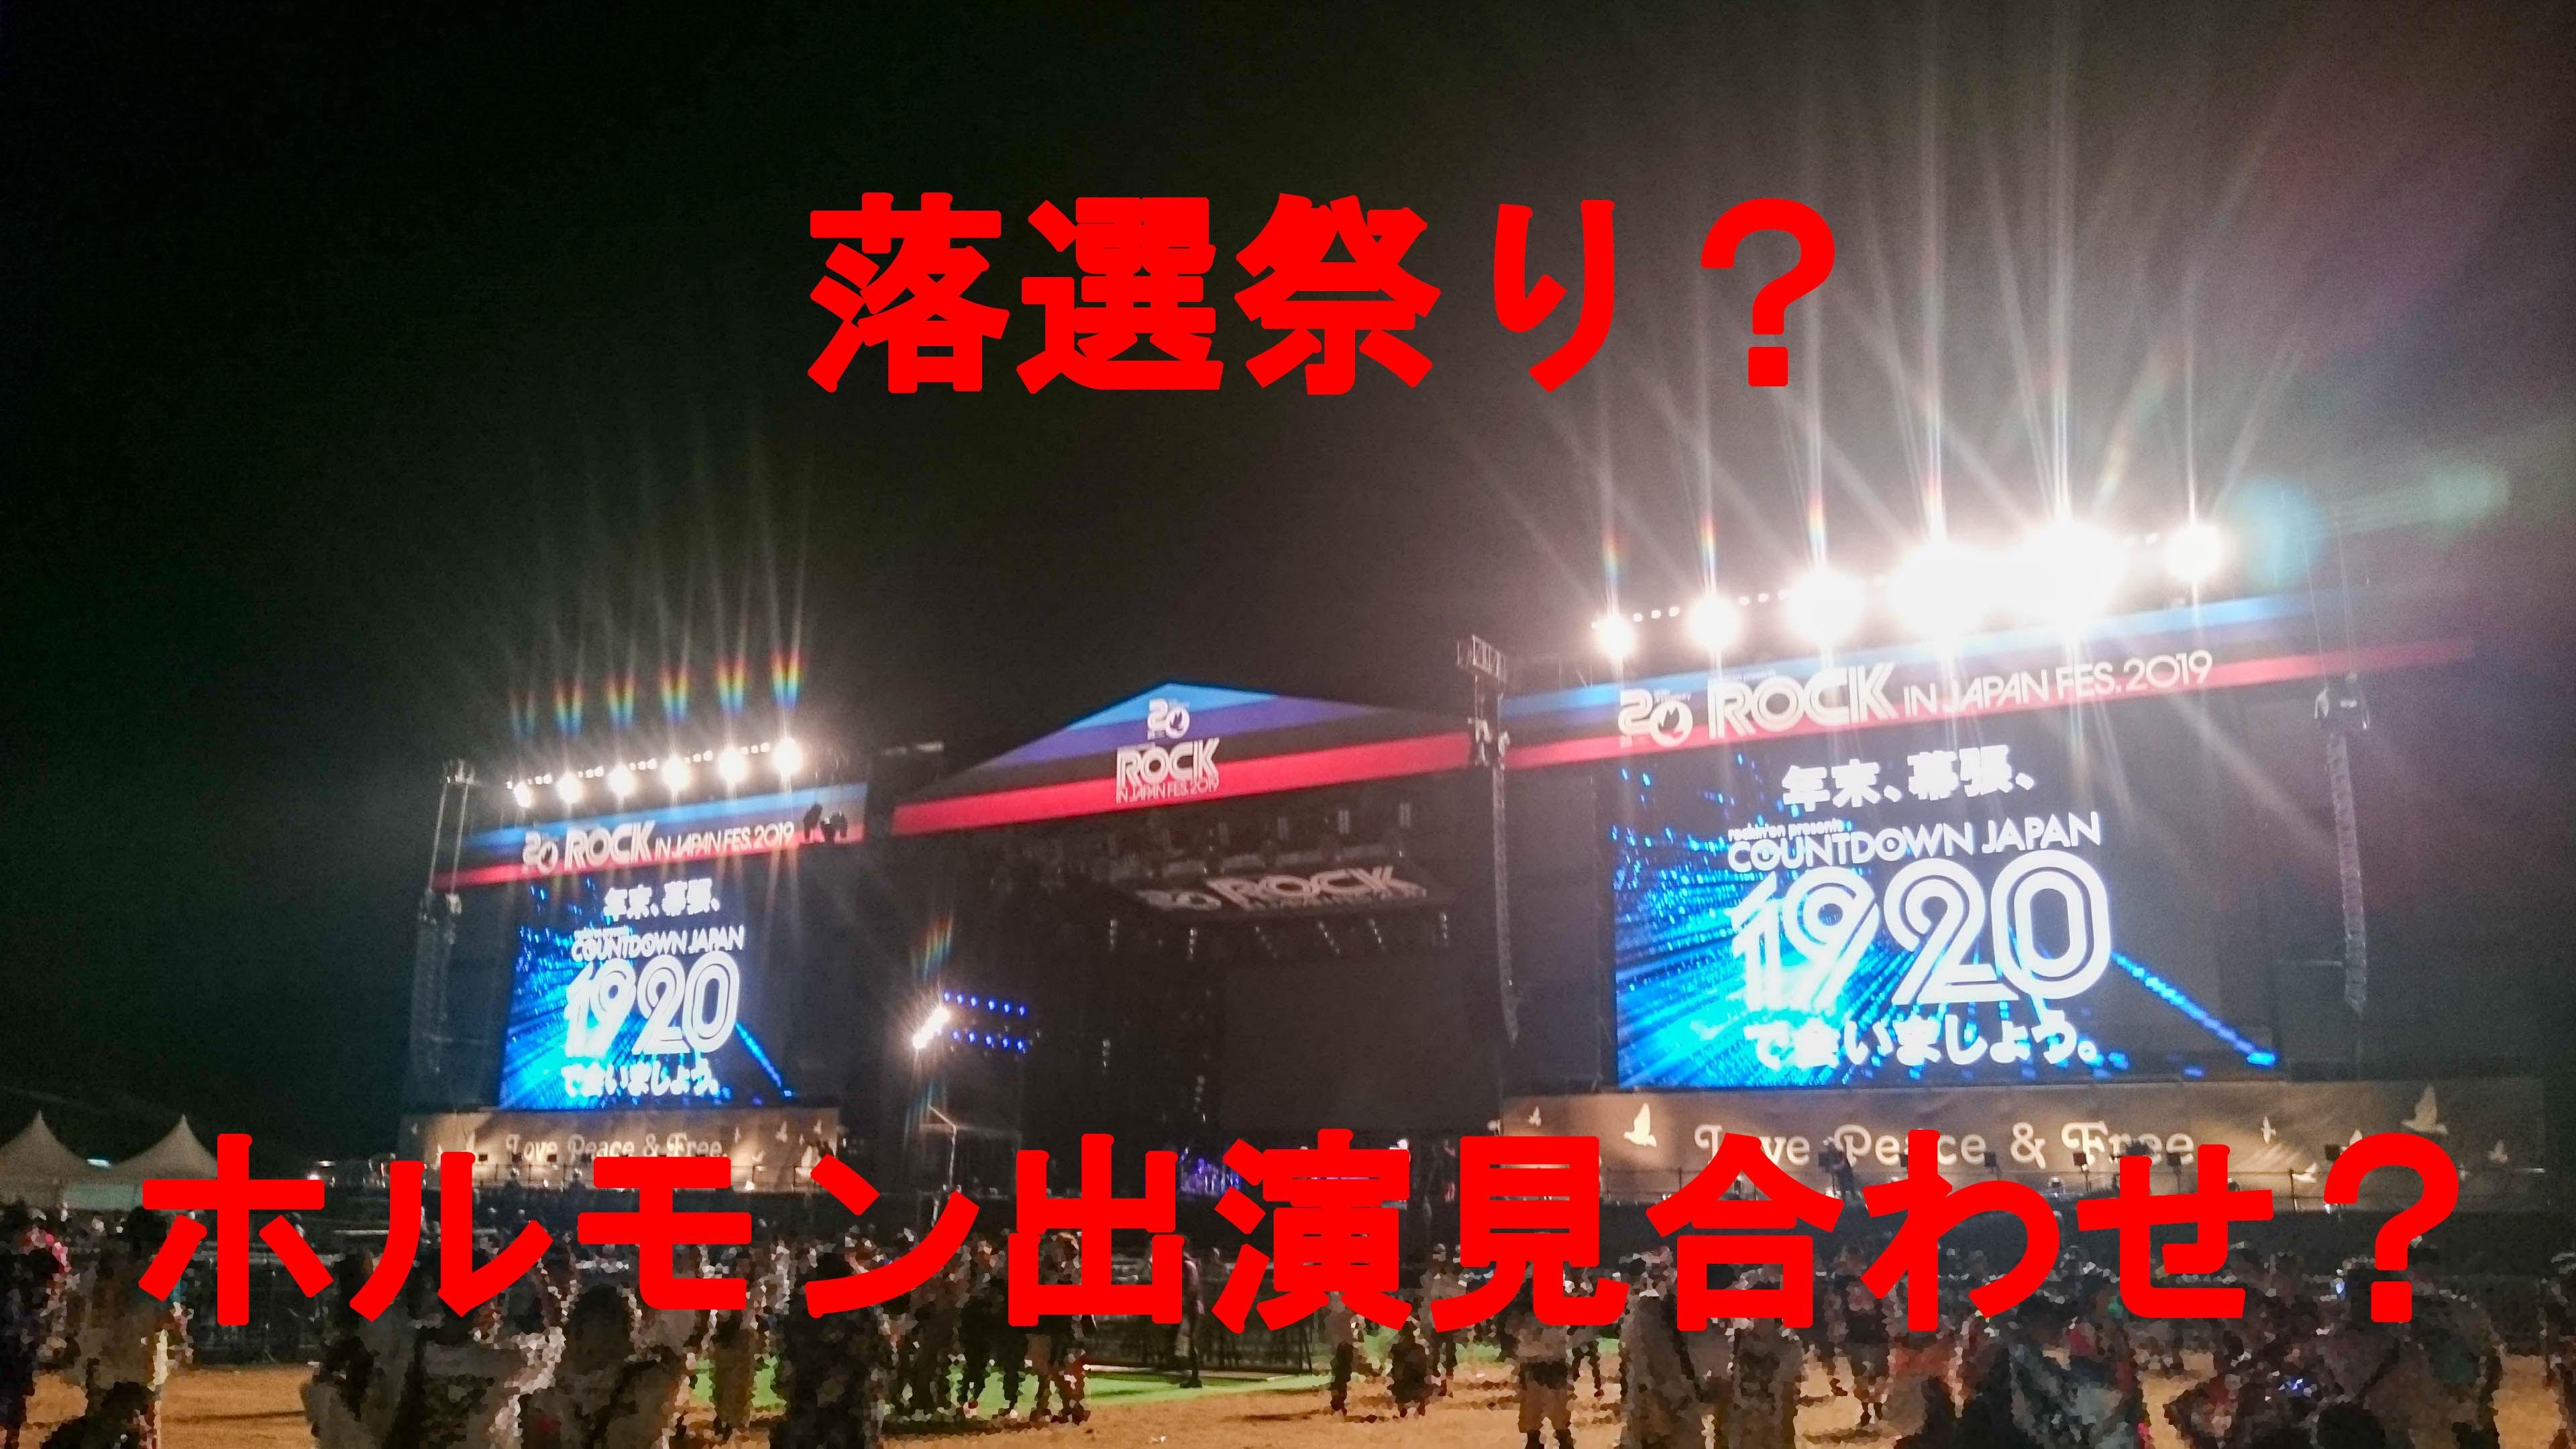 【悲報】CDJ19/20 チケット落選祭りにホルモン出演見合わせ